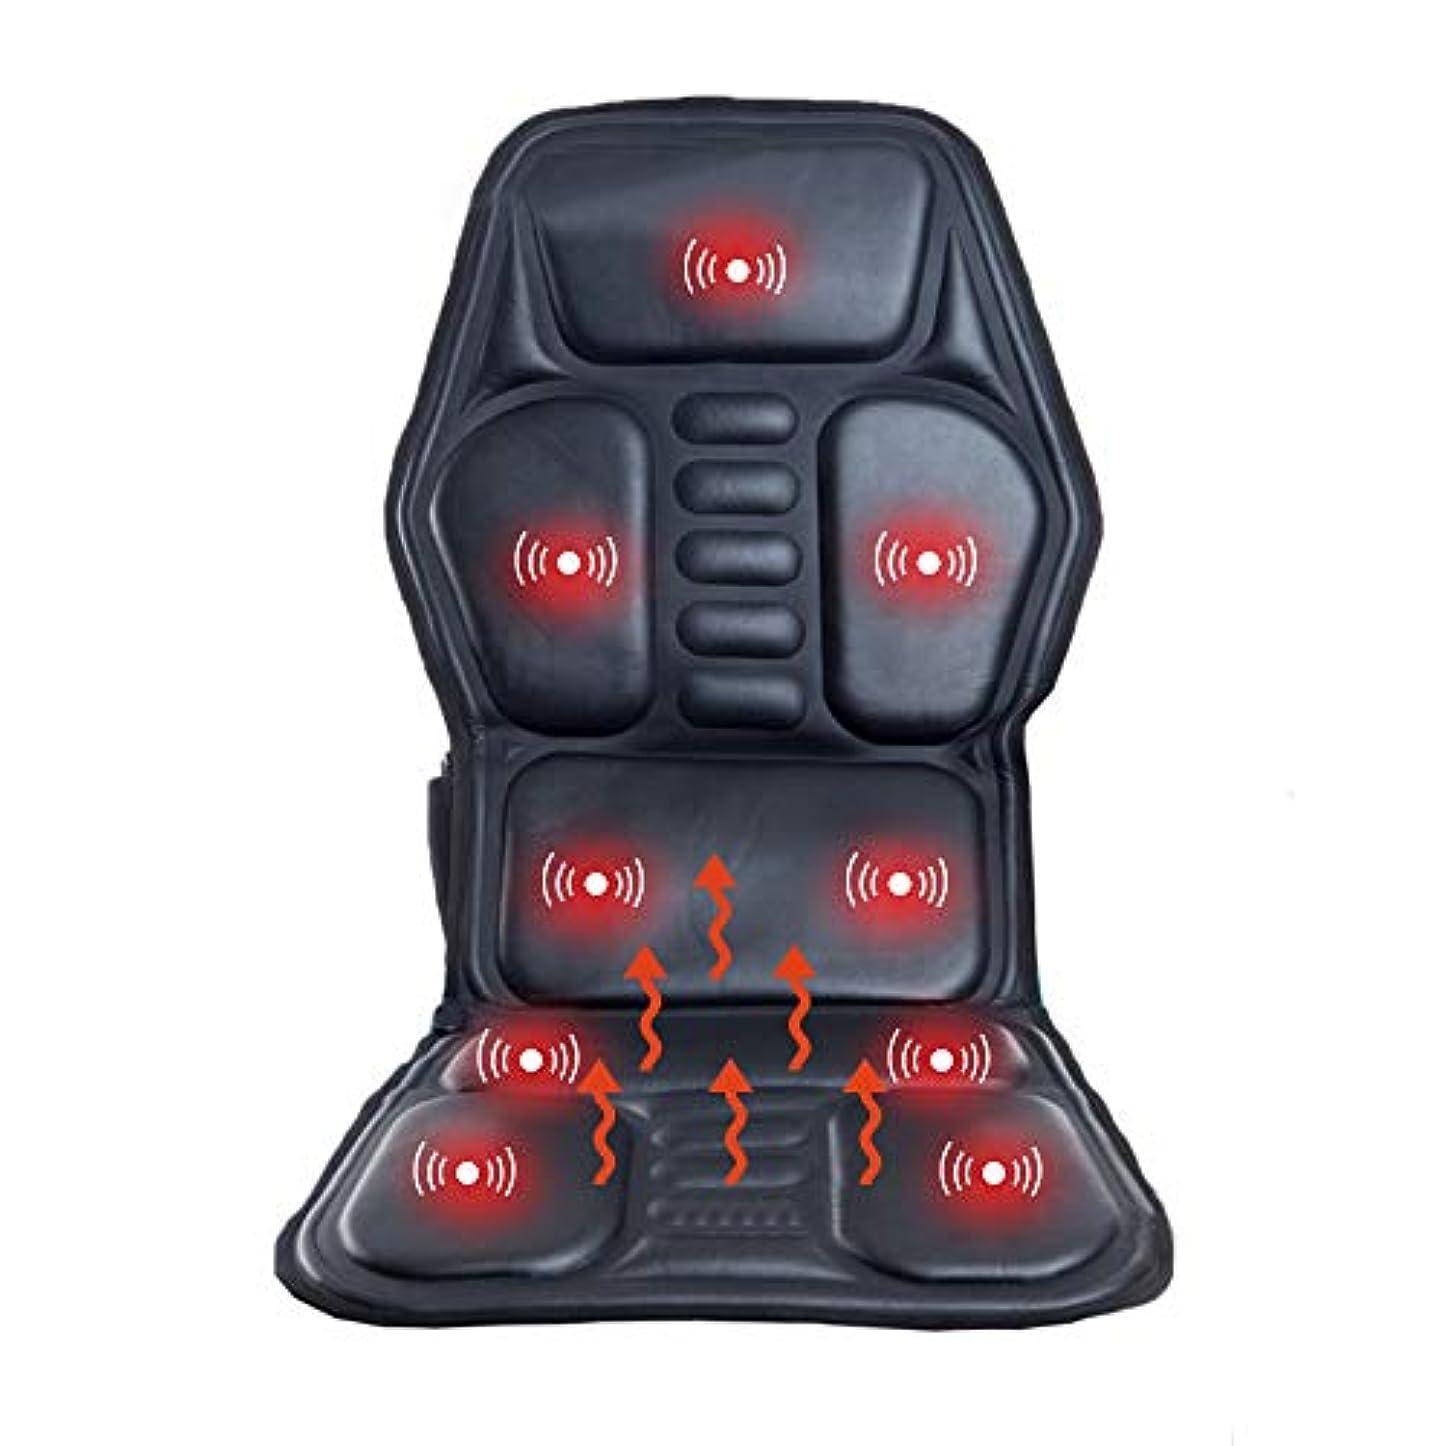 ぬいぐるみ回復する方法論カーシートバックマッサージャー 9モーター振動 ヒートチェアパッド 8つのモード 車のホームオフィスチェアのための